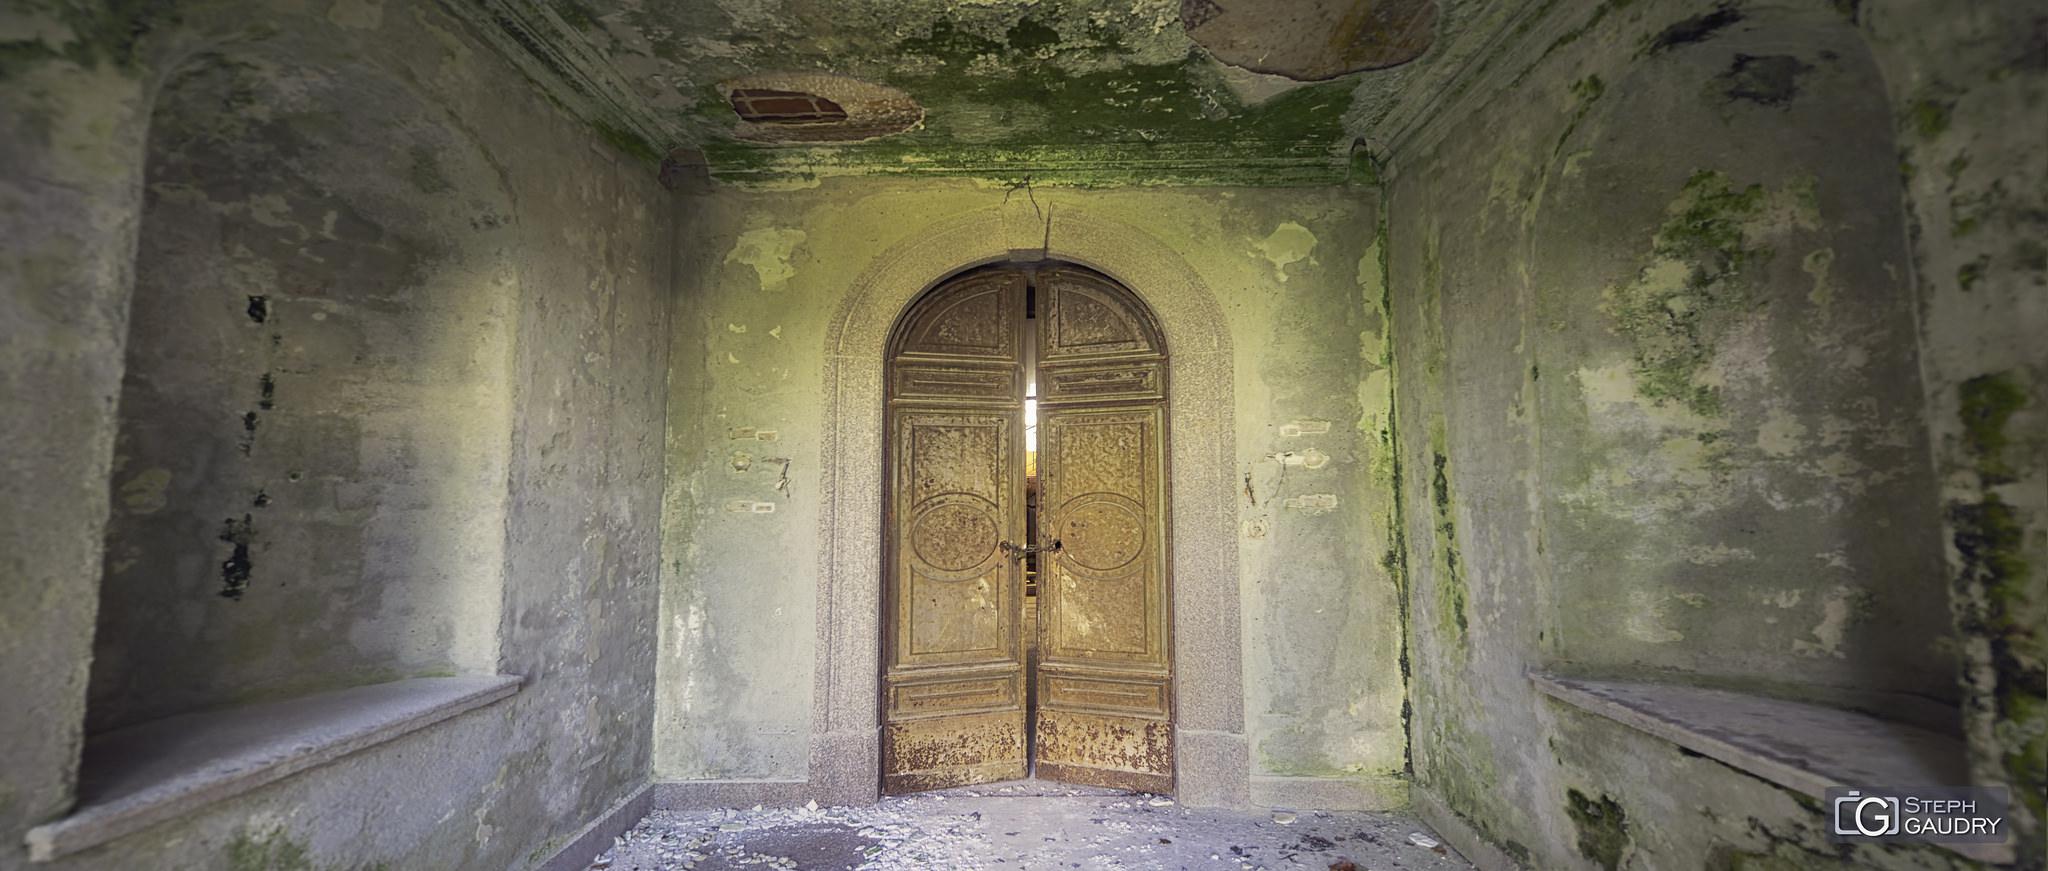 Heaven's doors are closed [Cliquez pour lancer le diaporama]